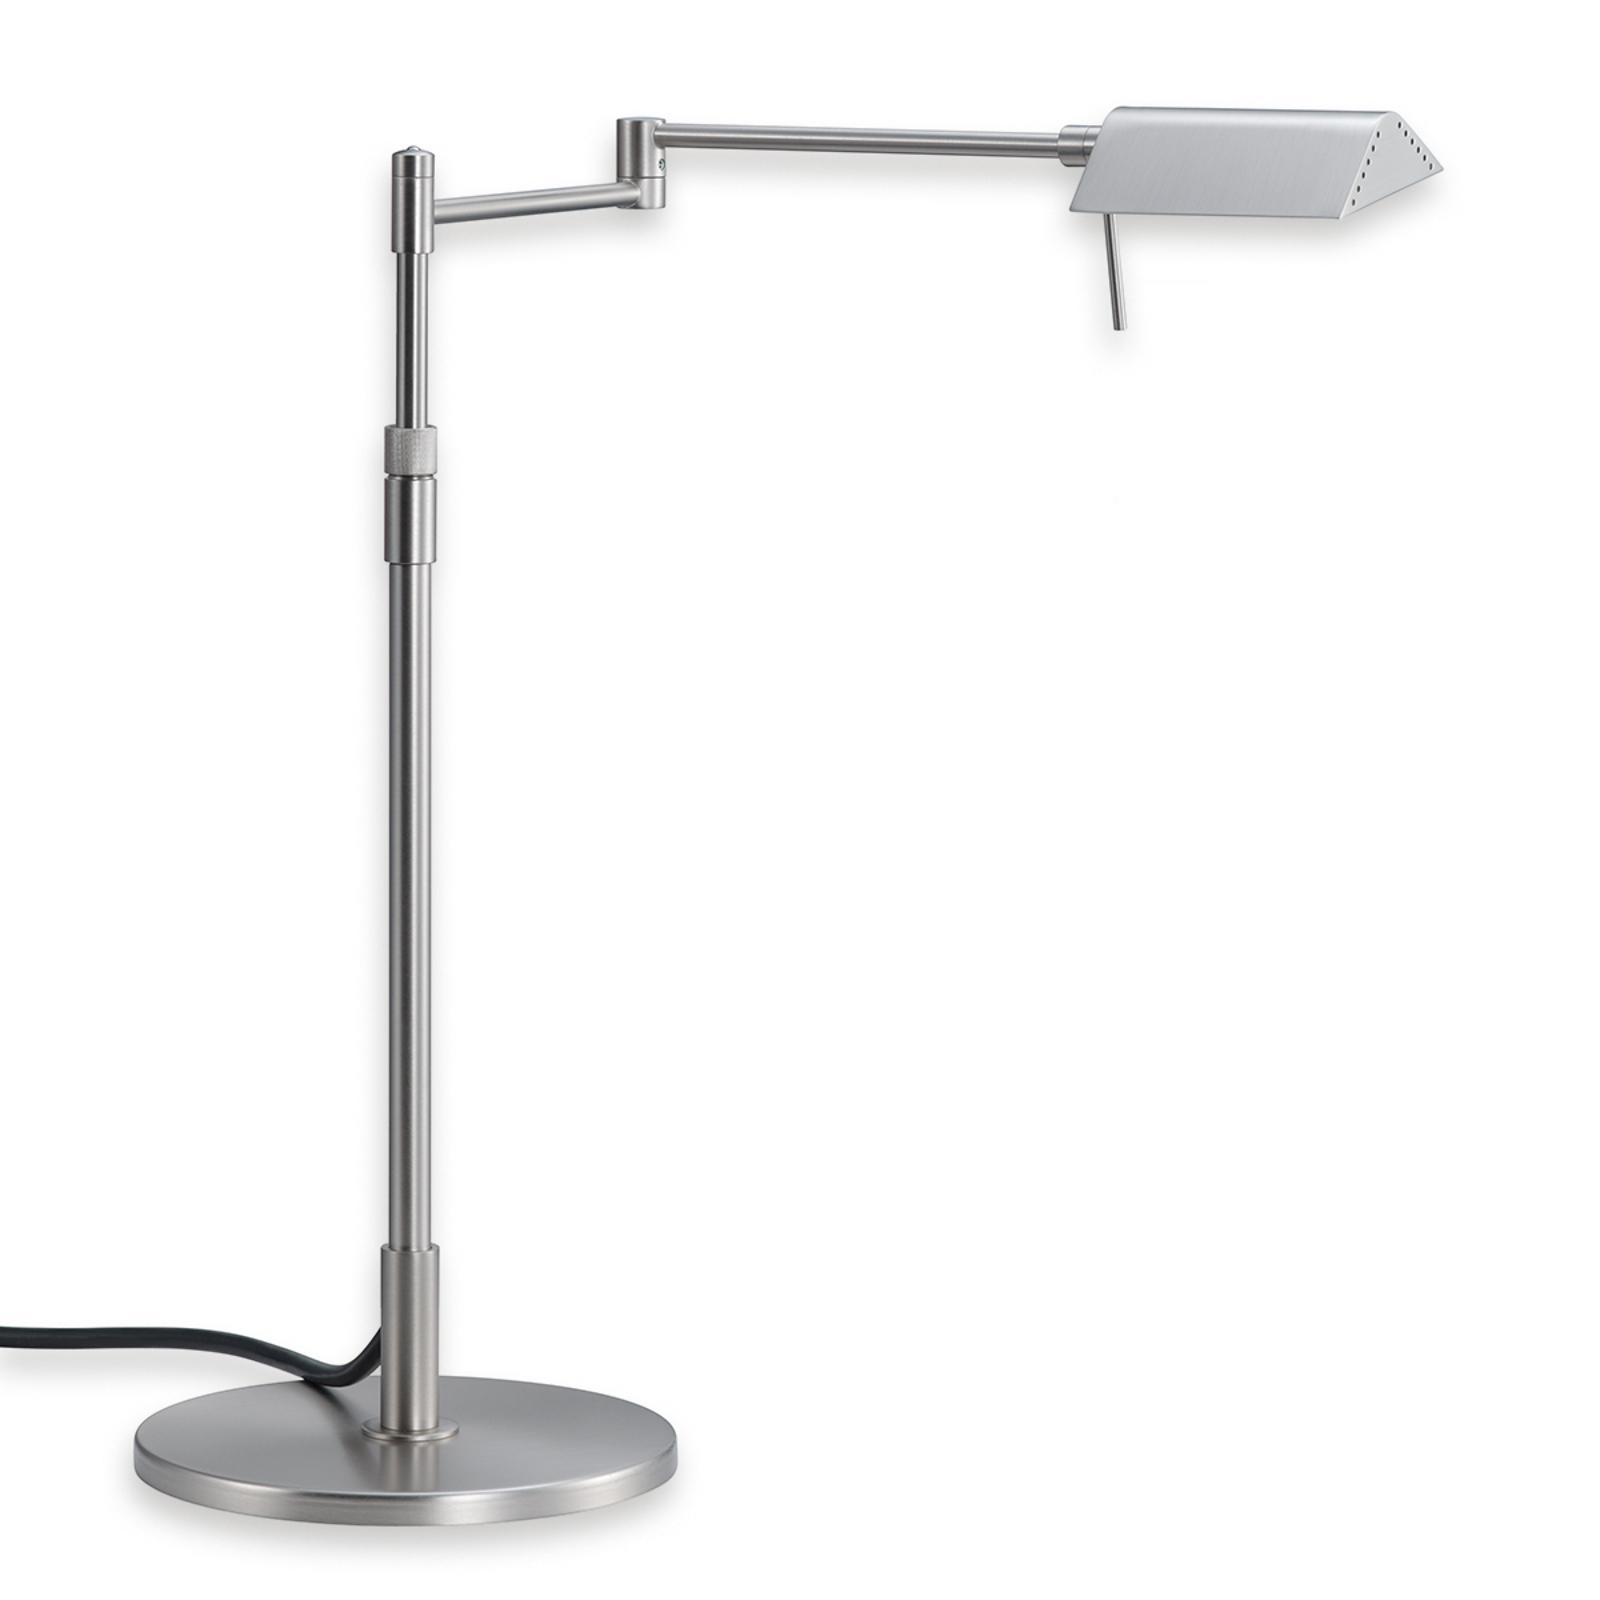 Dimbare LED-tafellamp Pur, mat nikkel